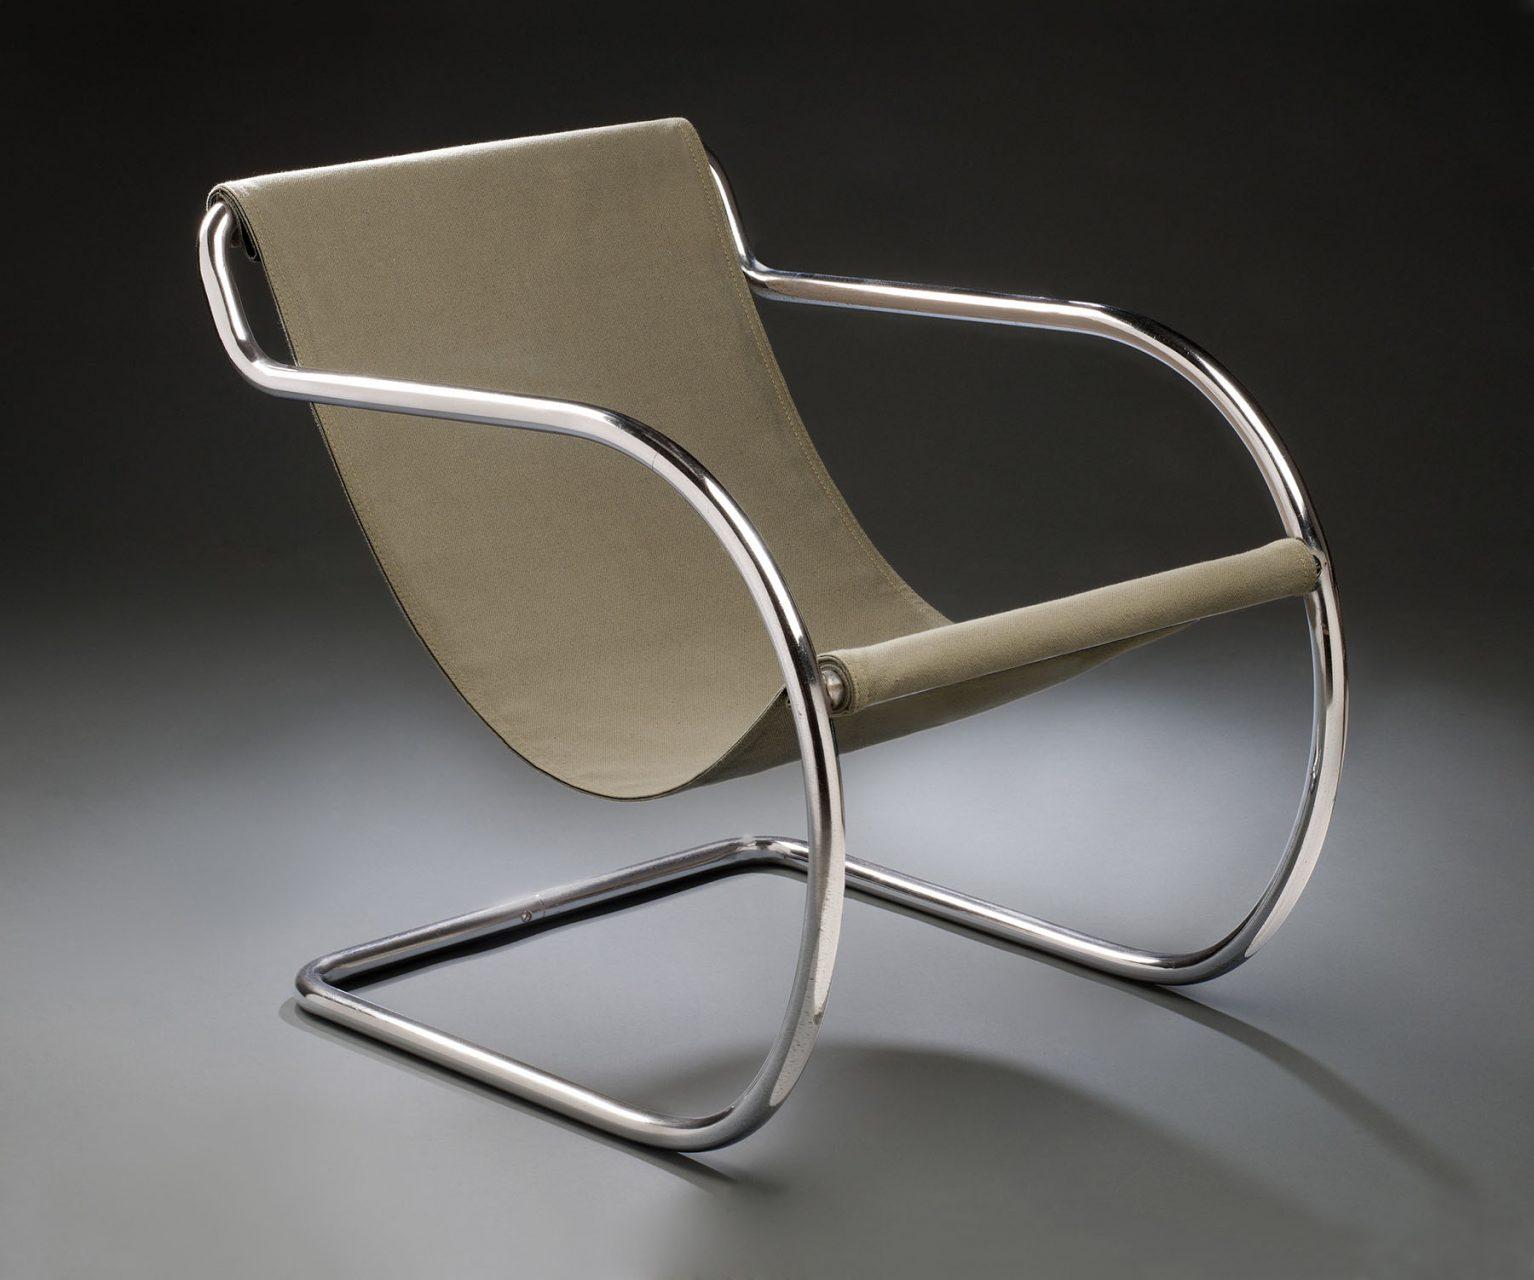 Philip Johnson mit Alfred Clauss.  Sessel, 1932, Verchromtes Stahlrohr, Leinwand, Unbekannter New Yorker Hersteller